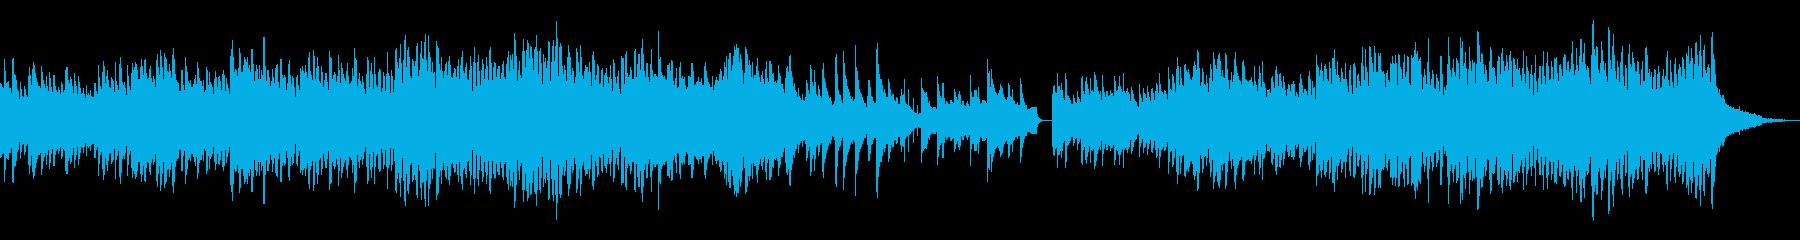 現代的 交響曲 荘厳 電気ピアノ ...の再生済みの波形